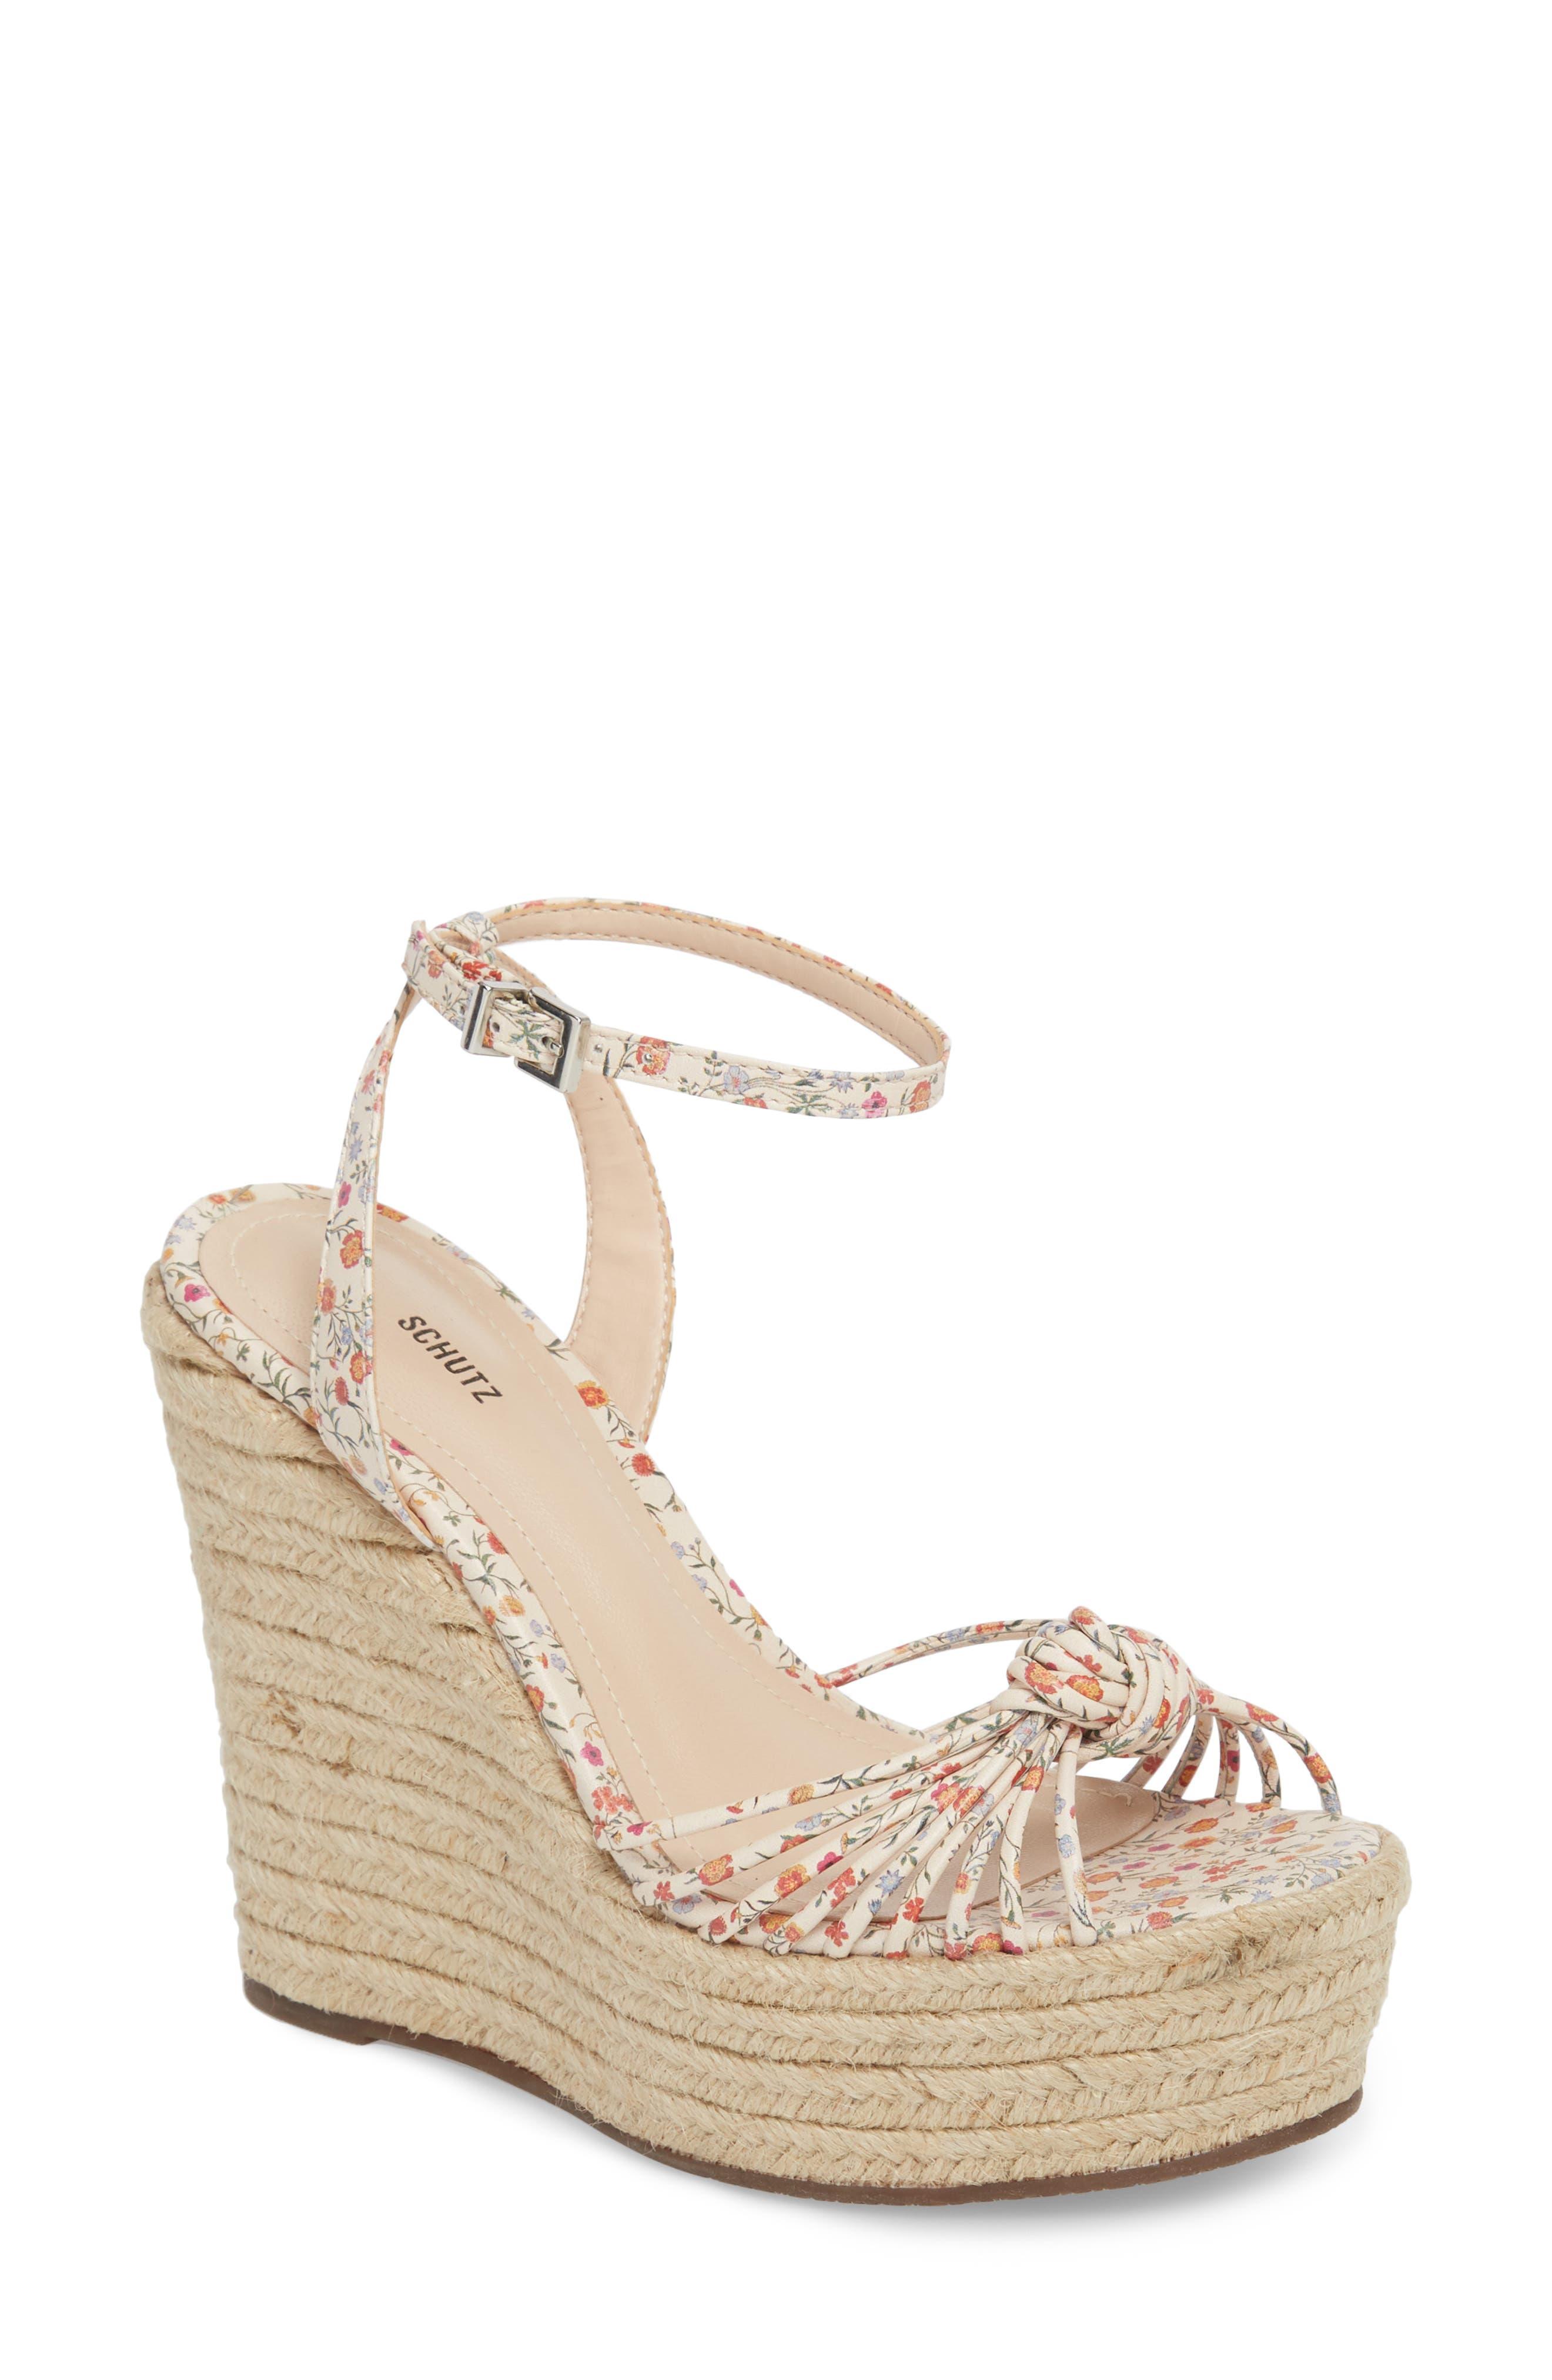 SCHUTZ Gianne Platform Wedge Sandal, Main, color, FLORAL LEATHER